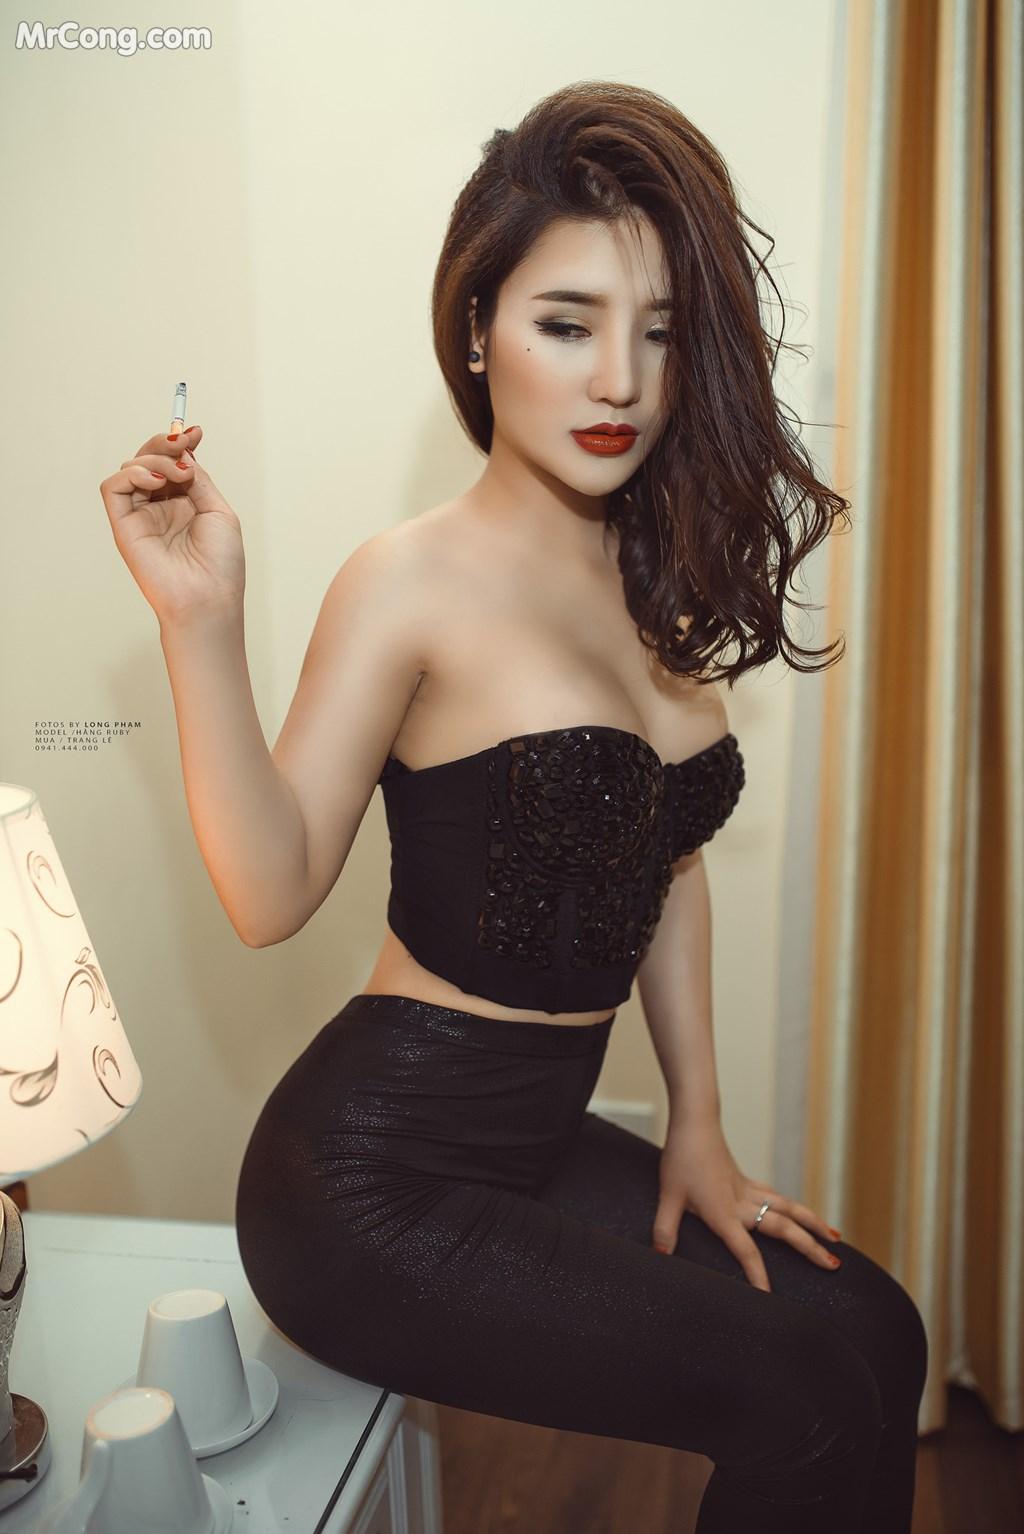 Image Girl-xinh-Viet-Nam-by-Long-Pham-P1-MrCong.com-019 in post Gái Việt xinh đẹp và nóng bỏng qua góc chụp của Long Phạm - Phần 1 (405 ảnh)